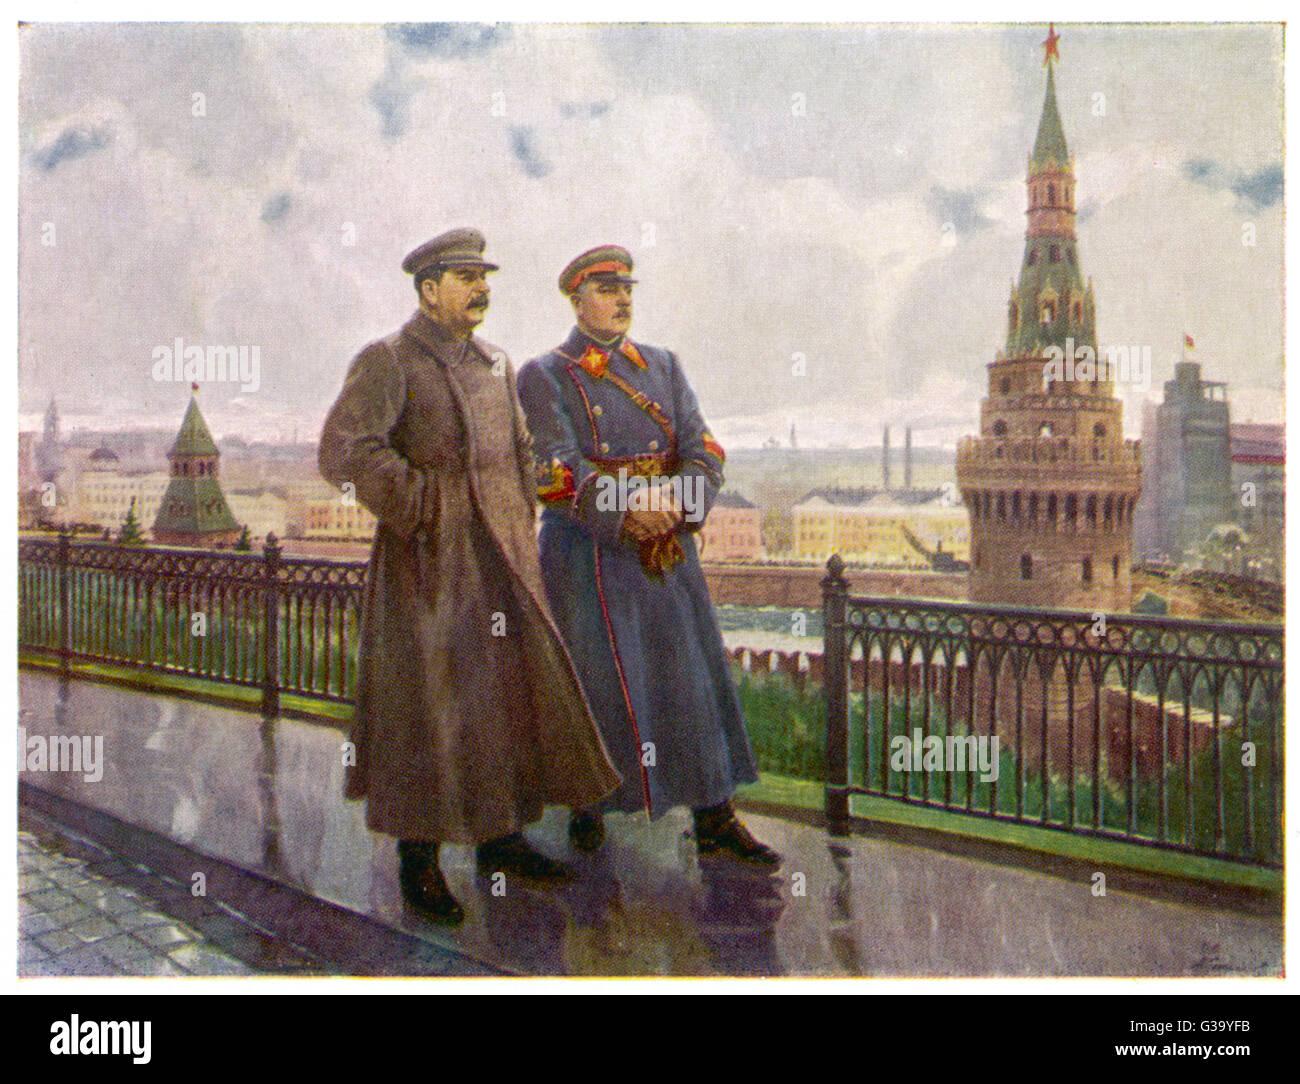 JOSEF STALIN  Soviet political leader (left) with Voroshilov at the Kremlin       Date: 1879-1953 - Stock Image